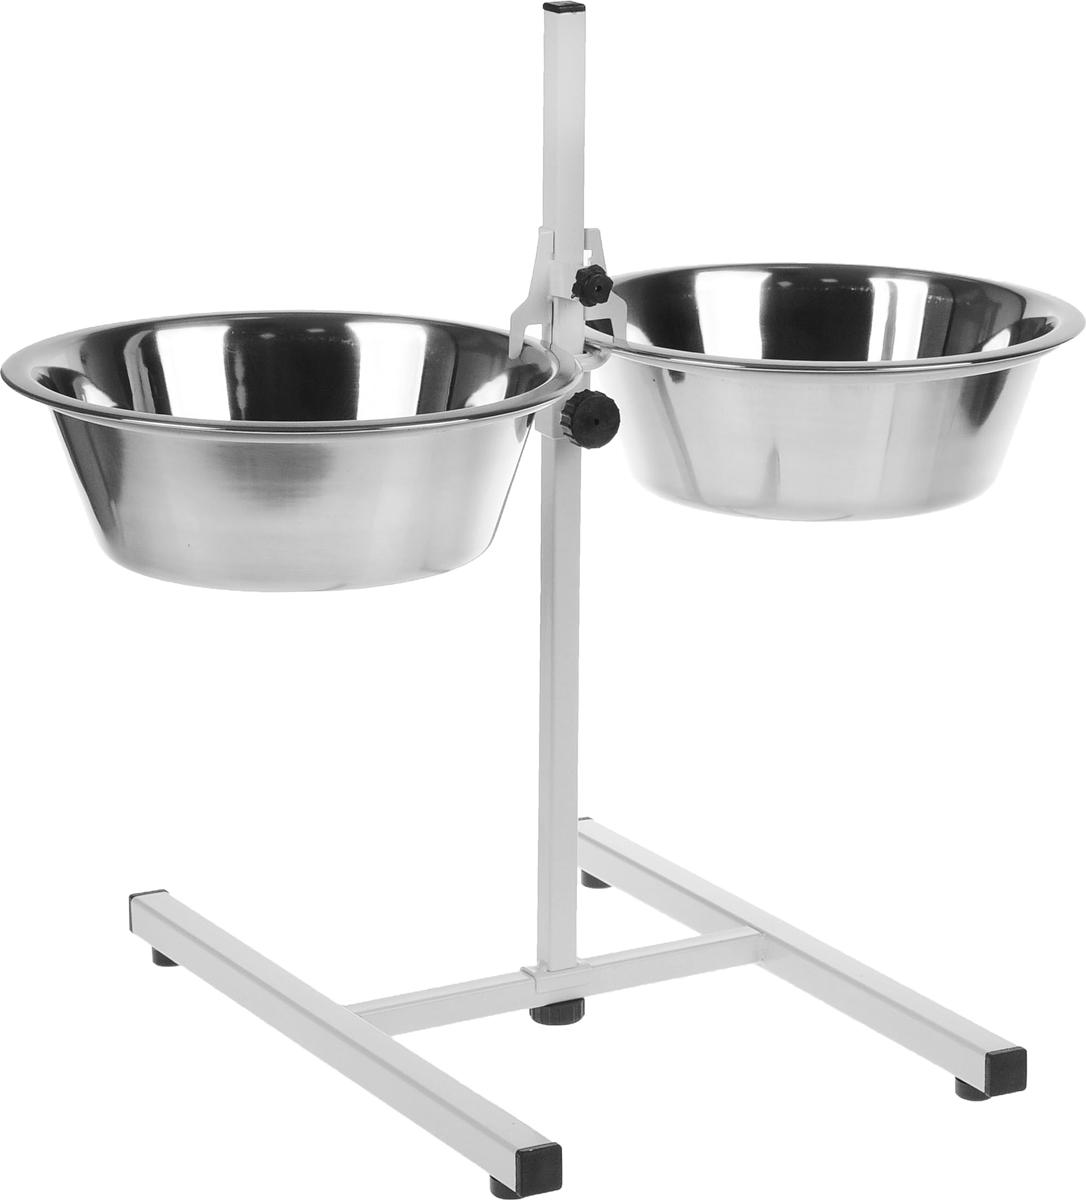 Подставка для кормления животных  Мухтар-1 , 2 х 1,75 л